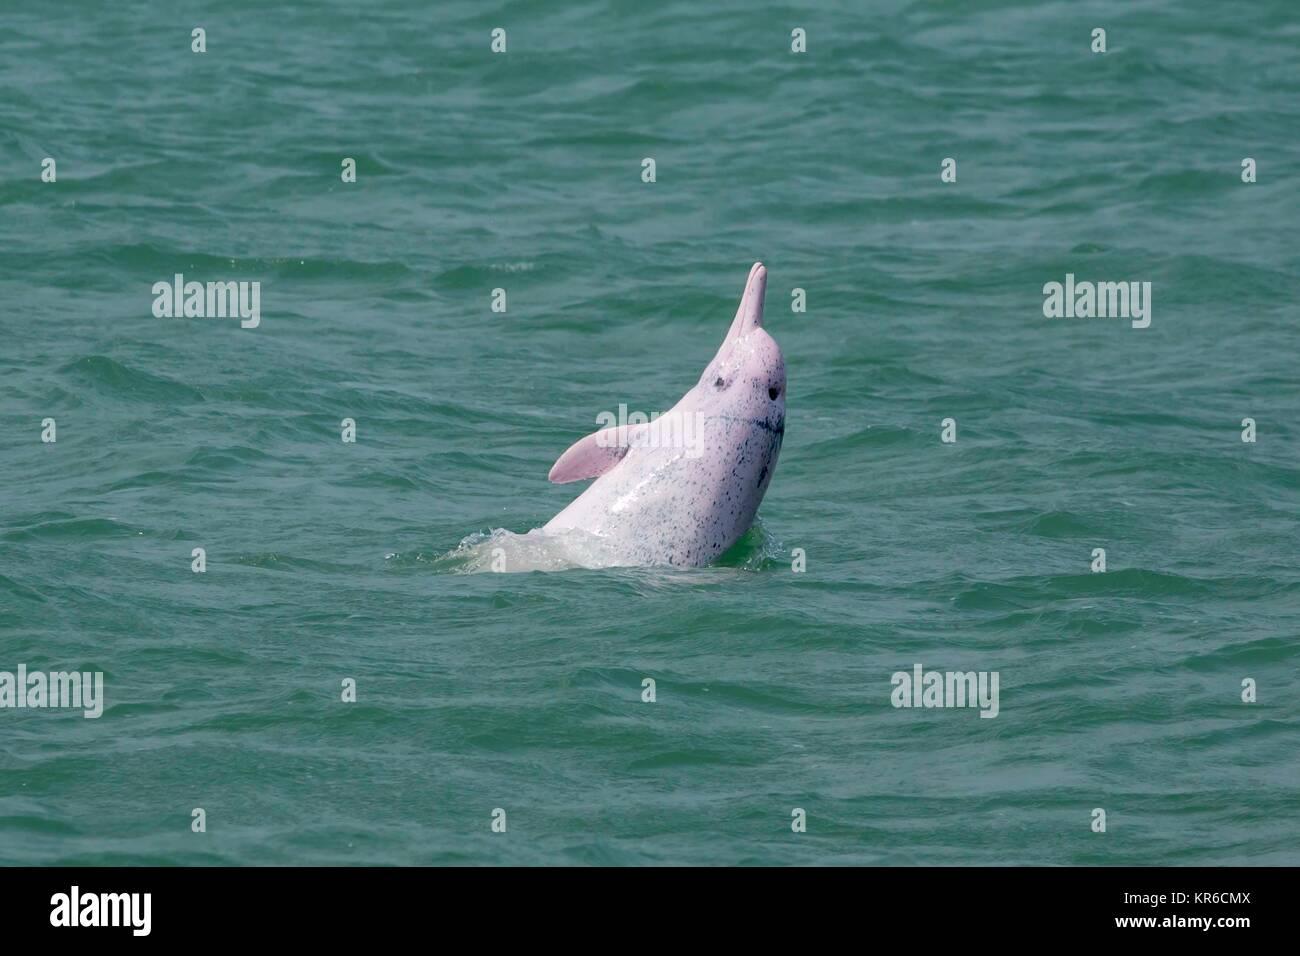 Indopazifik Buckelwale Delphin/Chinesische Weiße Delphin/Pink Dolphin (Sousa Chinensis) - High speed Fähre Stockbild